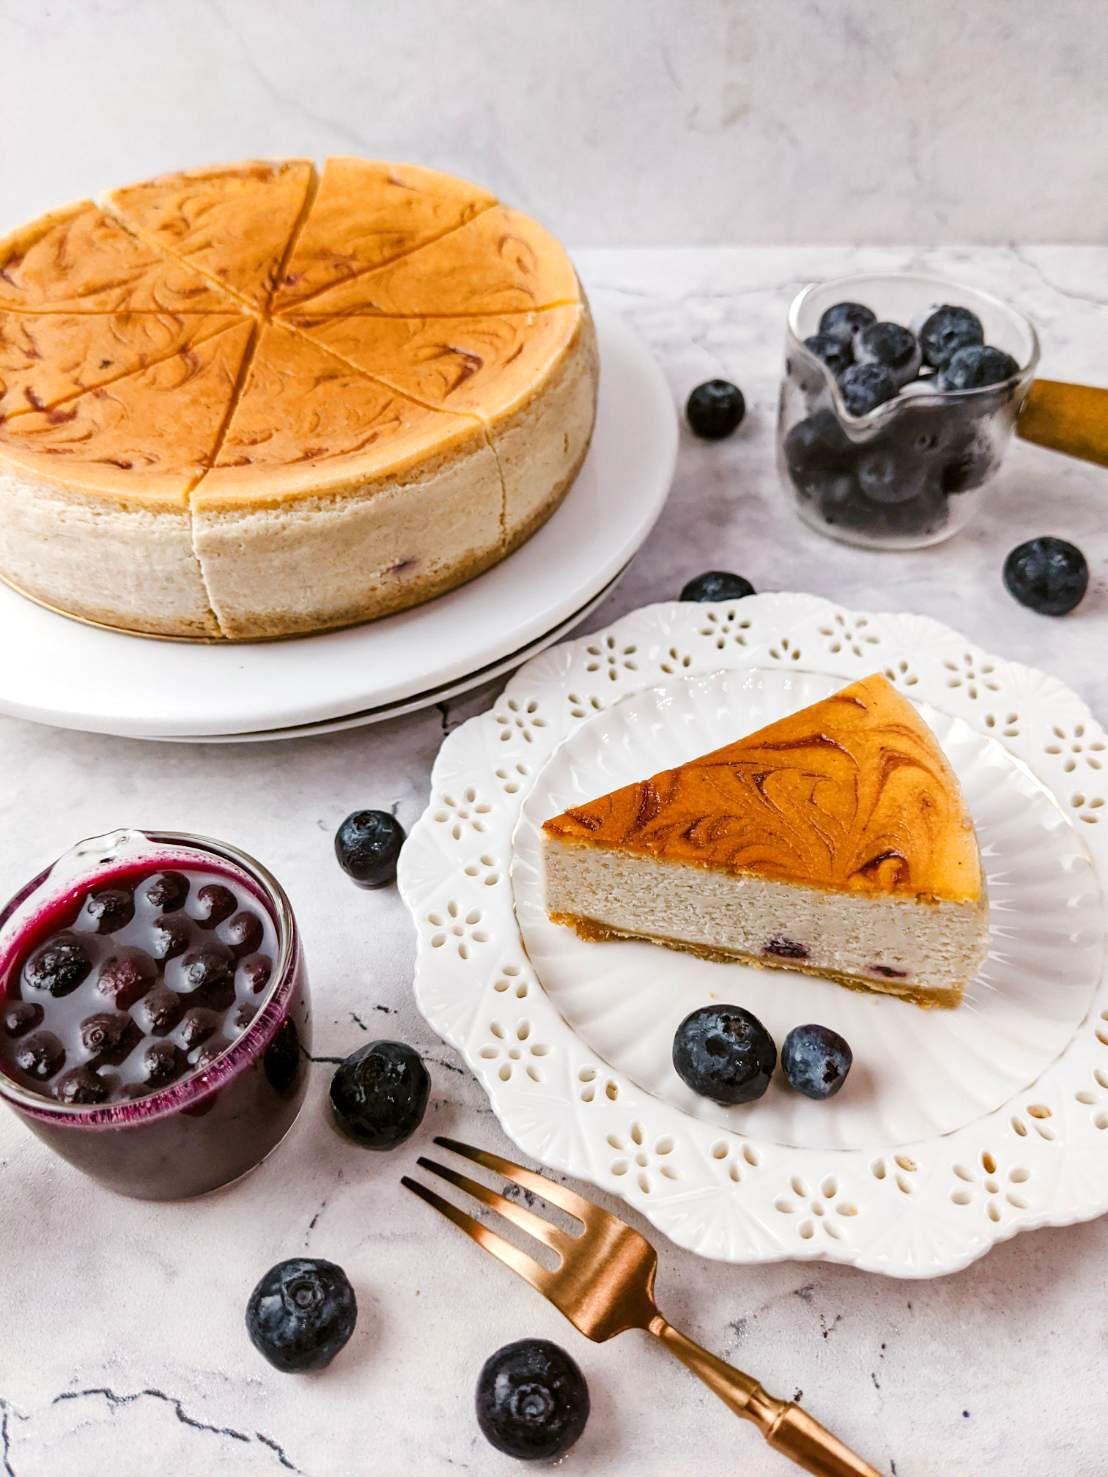 養生乳酪-果然好藍莓(附淋醬)/6吋重乳酪蛋糕  #蛋奶素#加拿大野莓